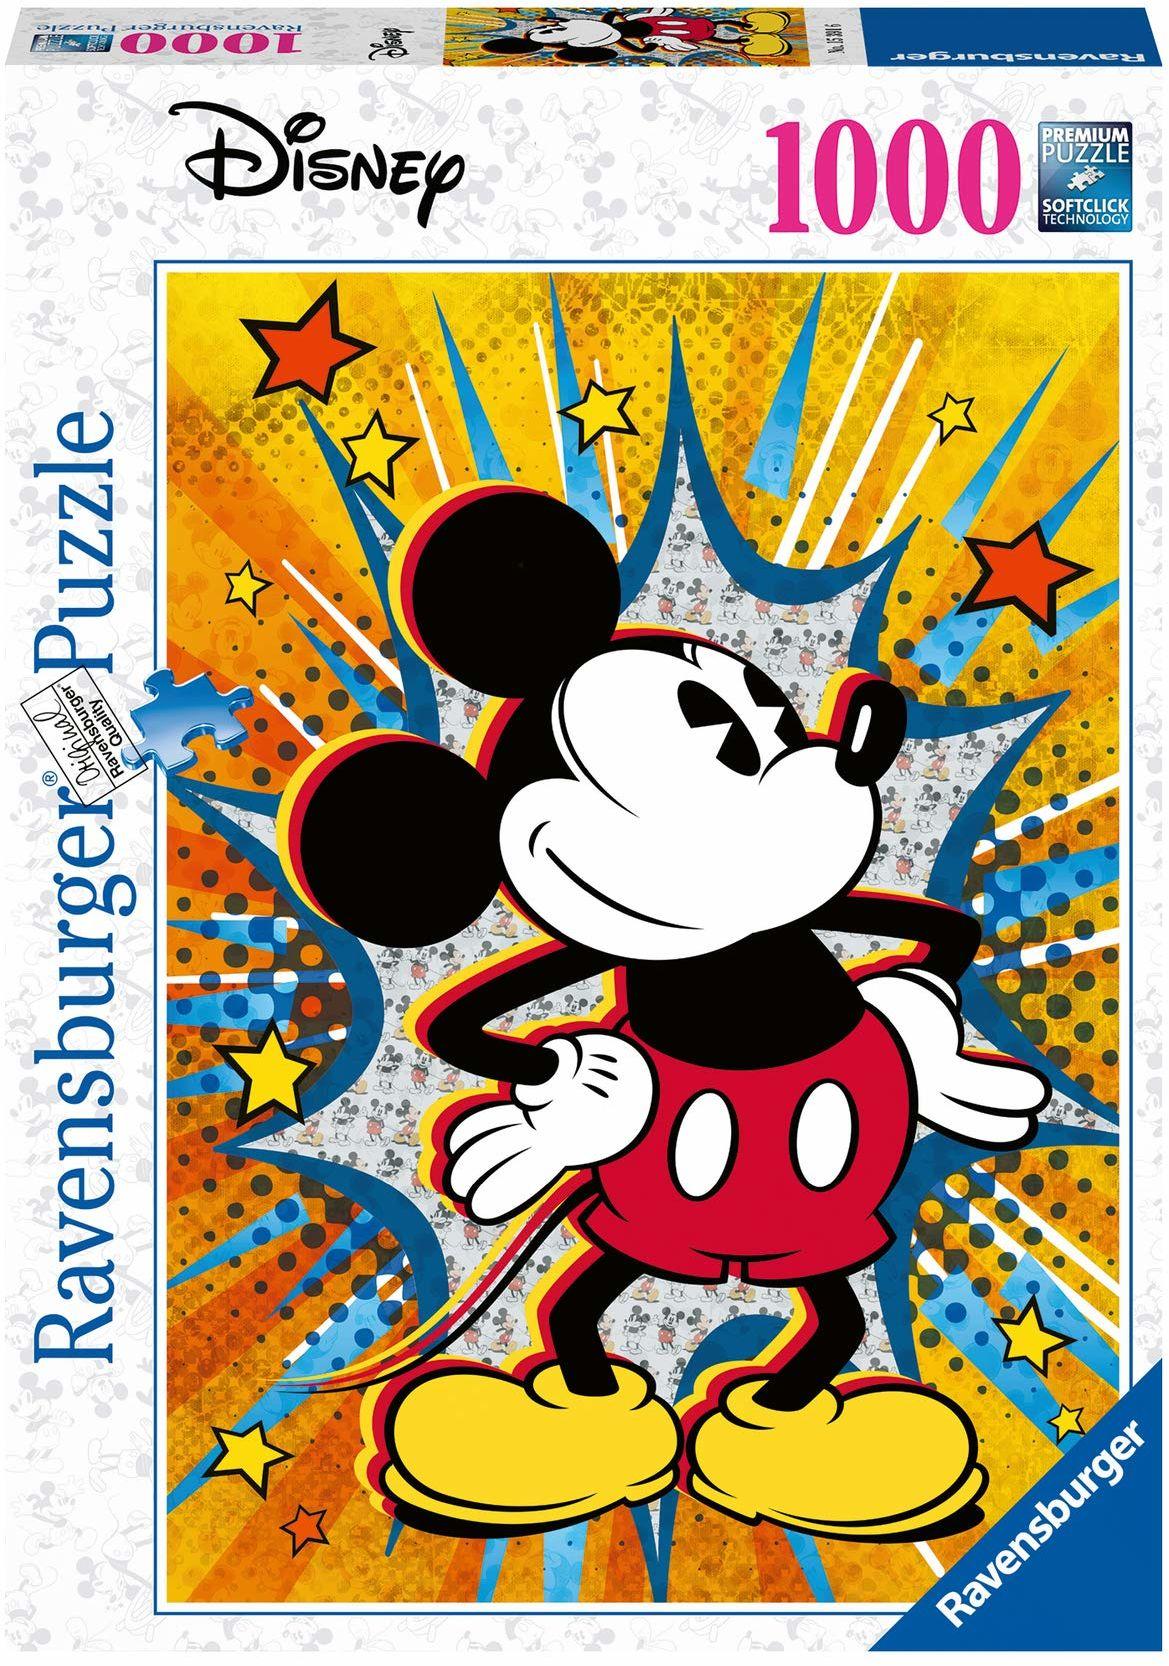 Ravensburger Puzzle 15391 Ravensburger Myszka Miki Retro 1000 Elementów Puzzle Dla Dorosłych (15391) Unikalne Elementy, Technologia Softclick - Klocki Pasują Idealnie